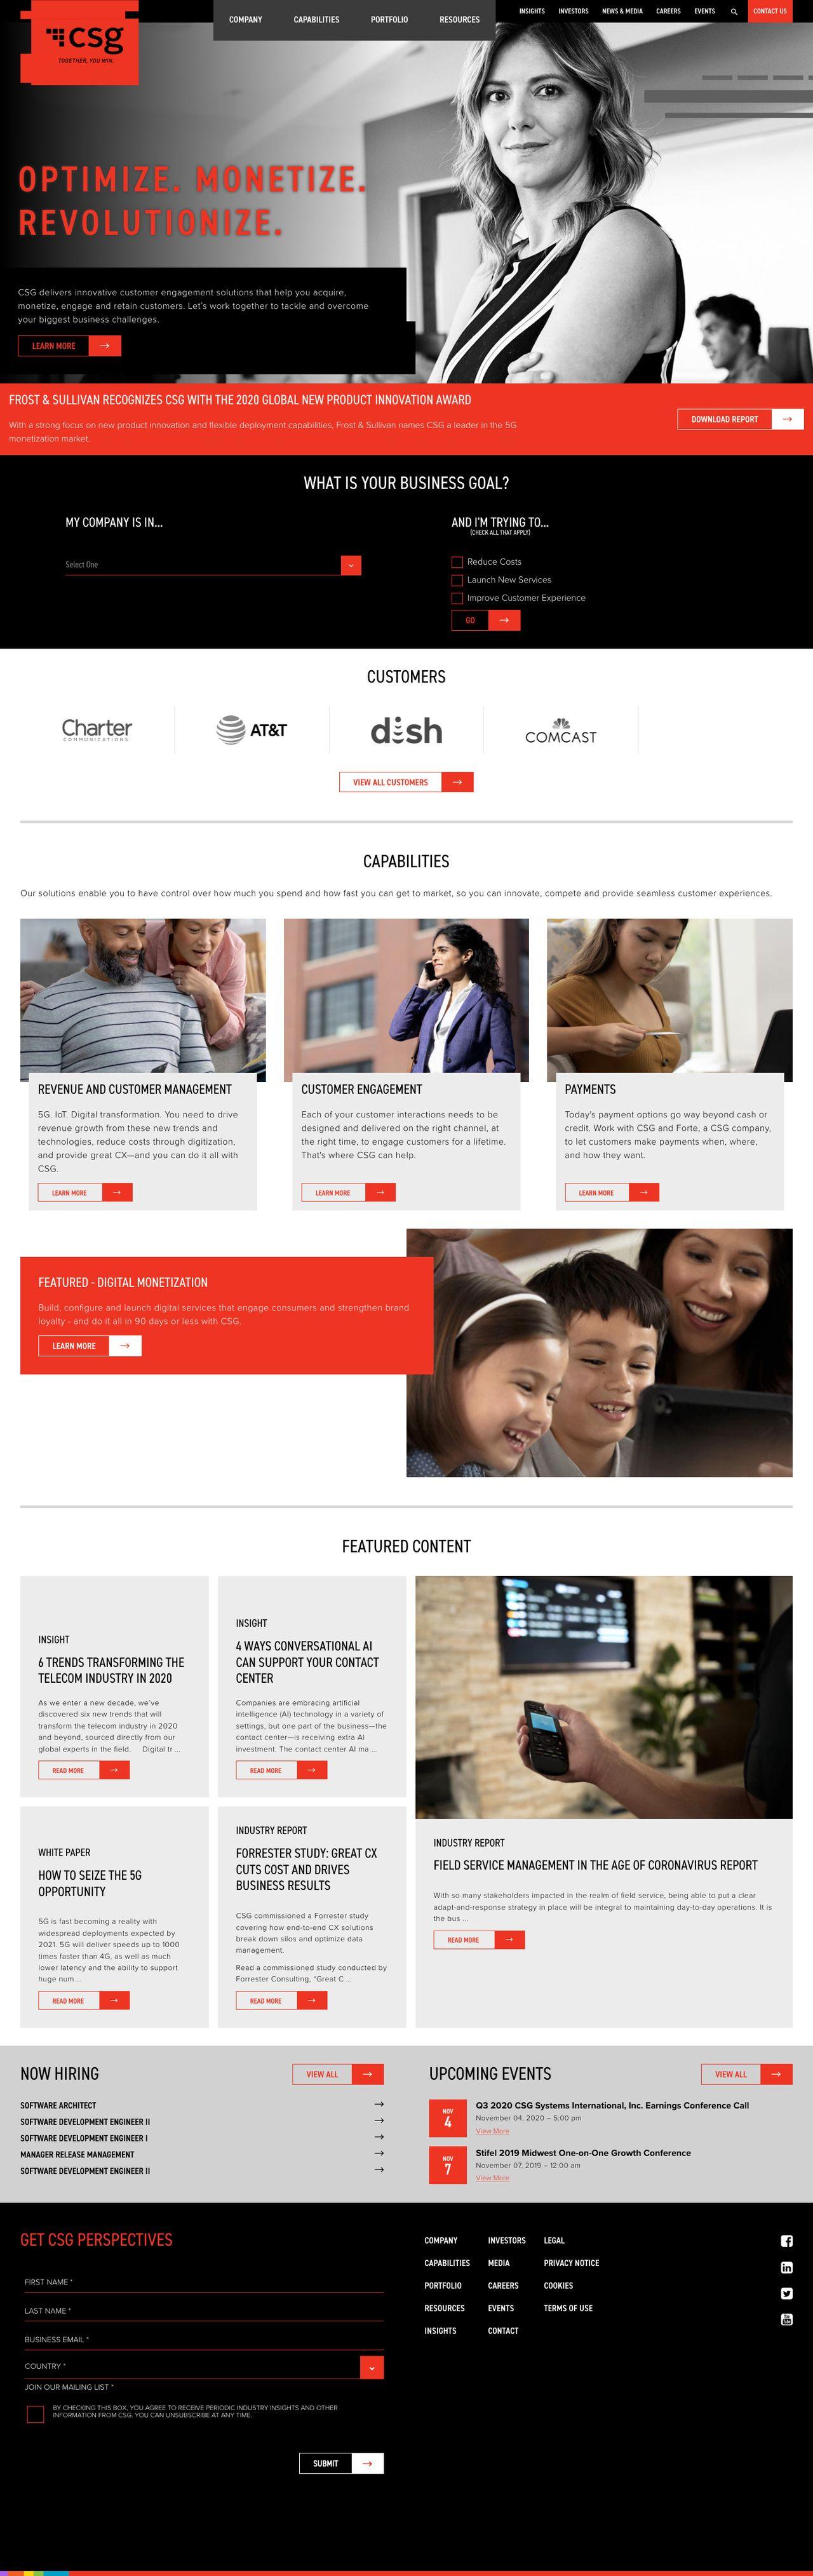 CSG homepage